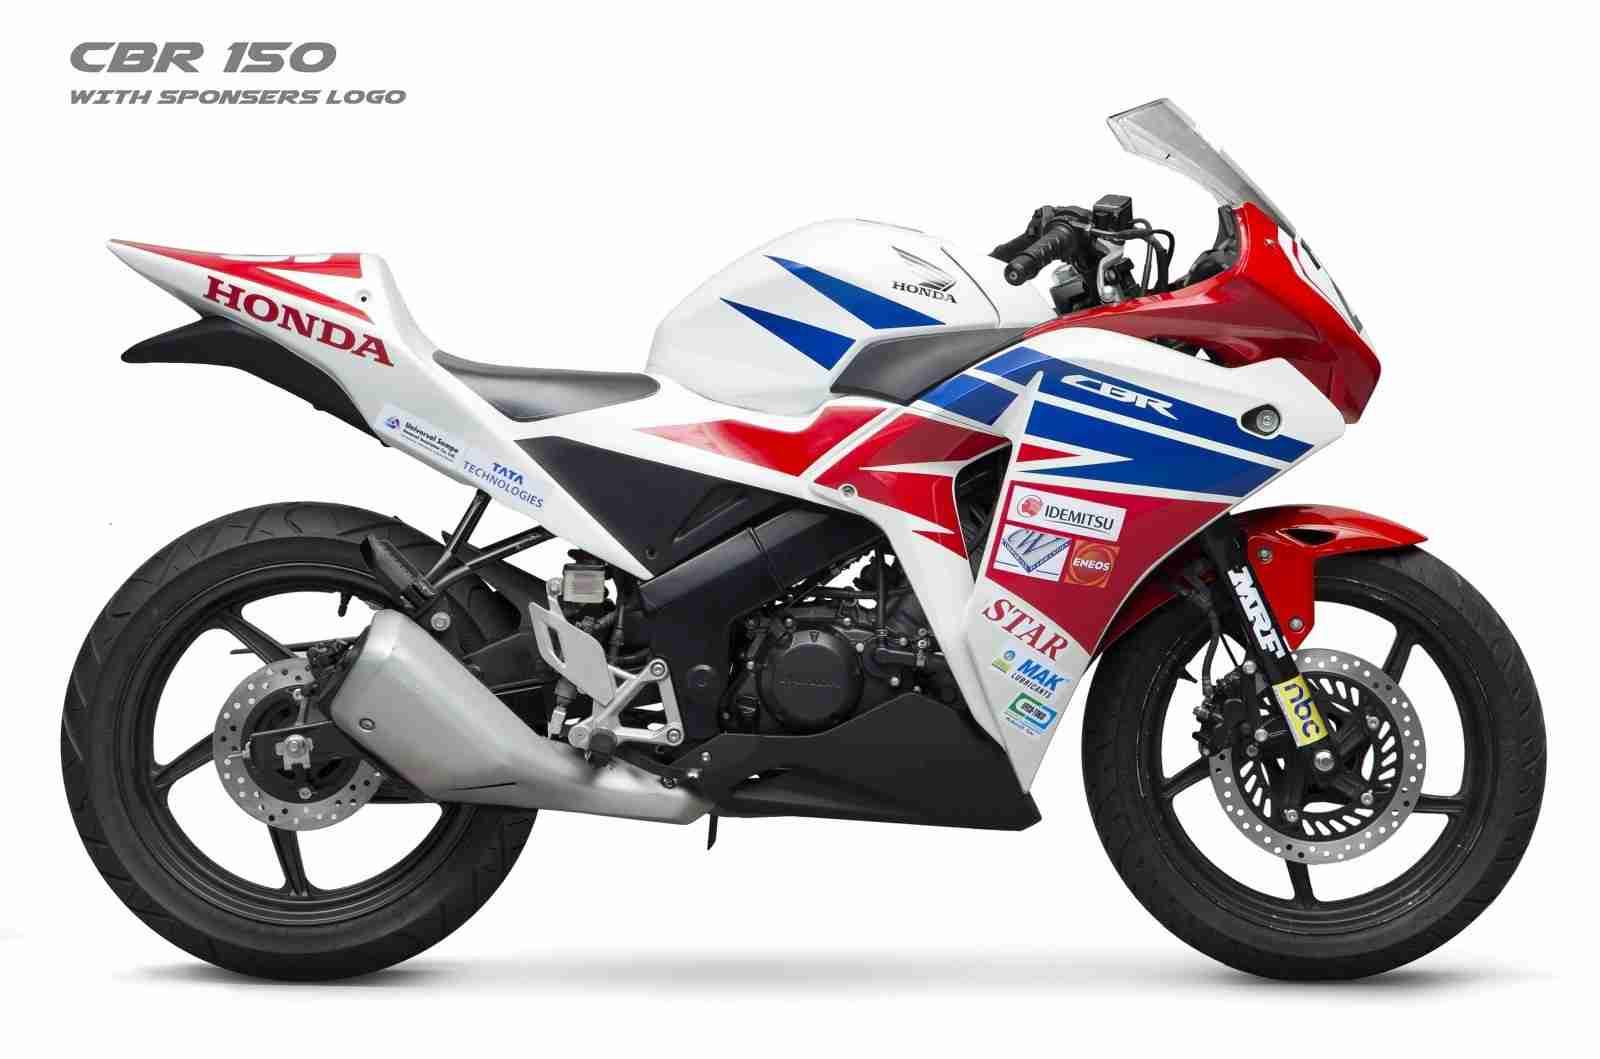 Race spec Honda CBR150R